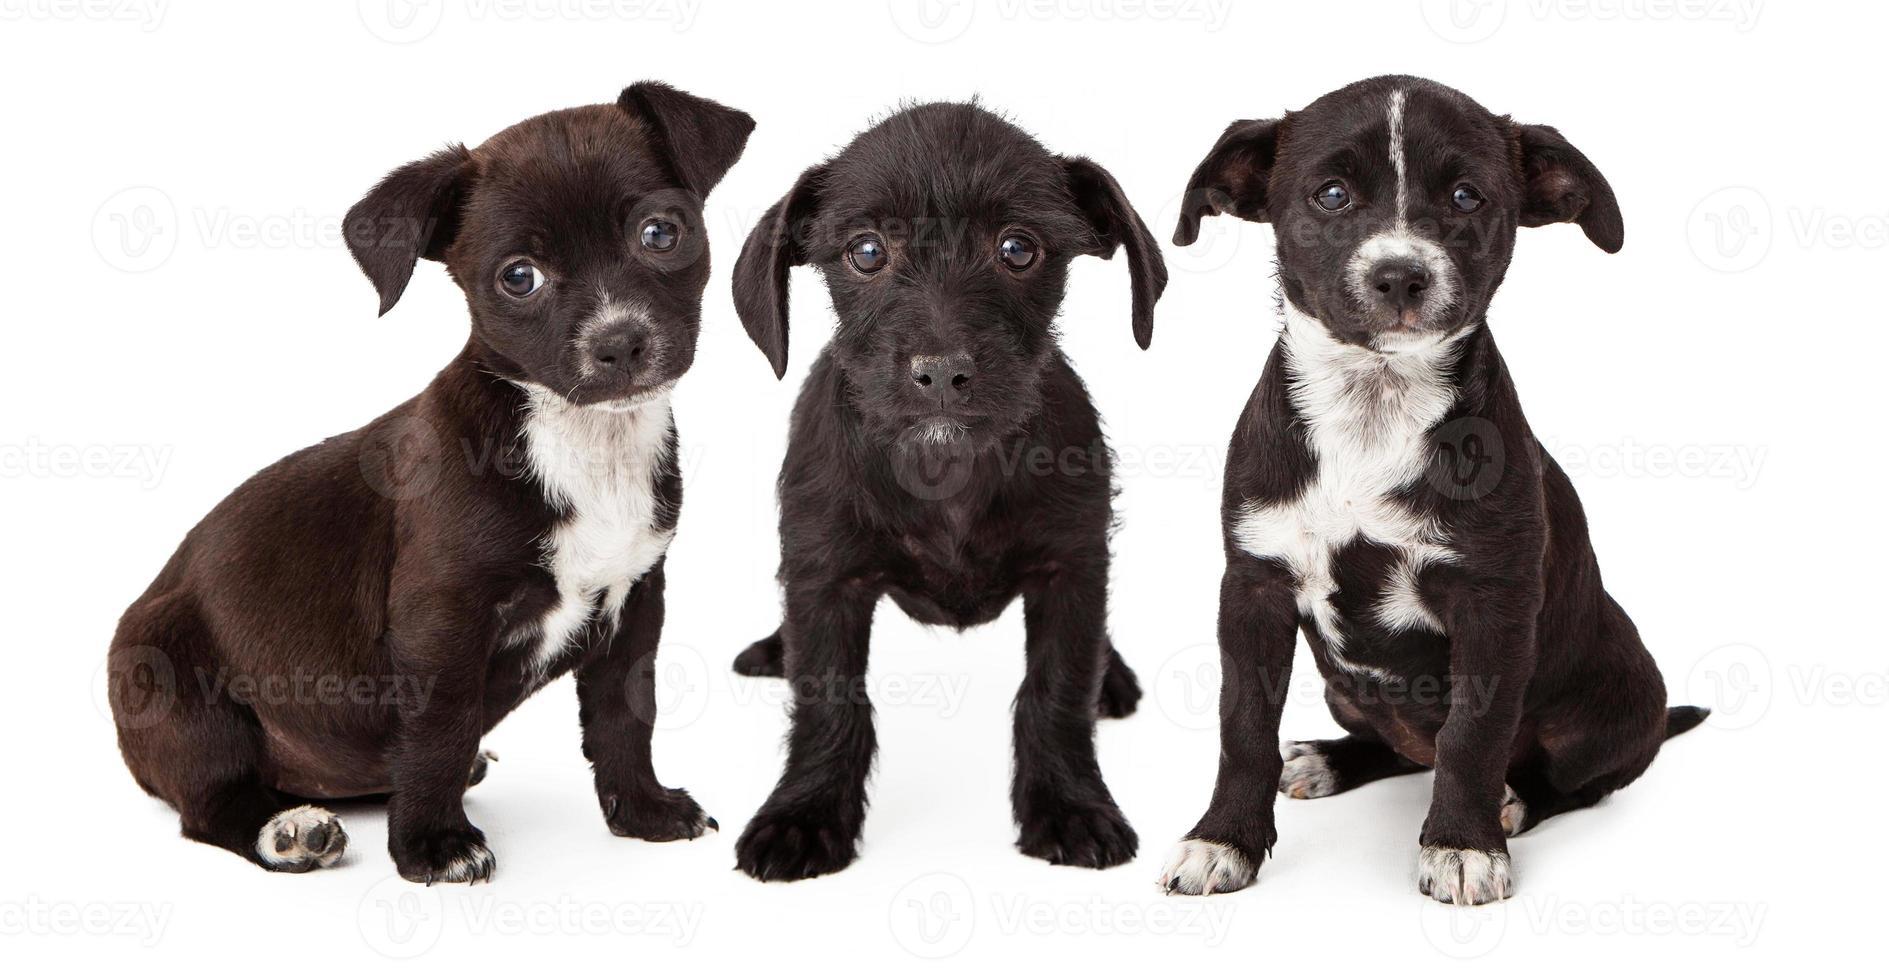 tres cachorros en blanco y negro foto